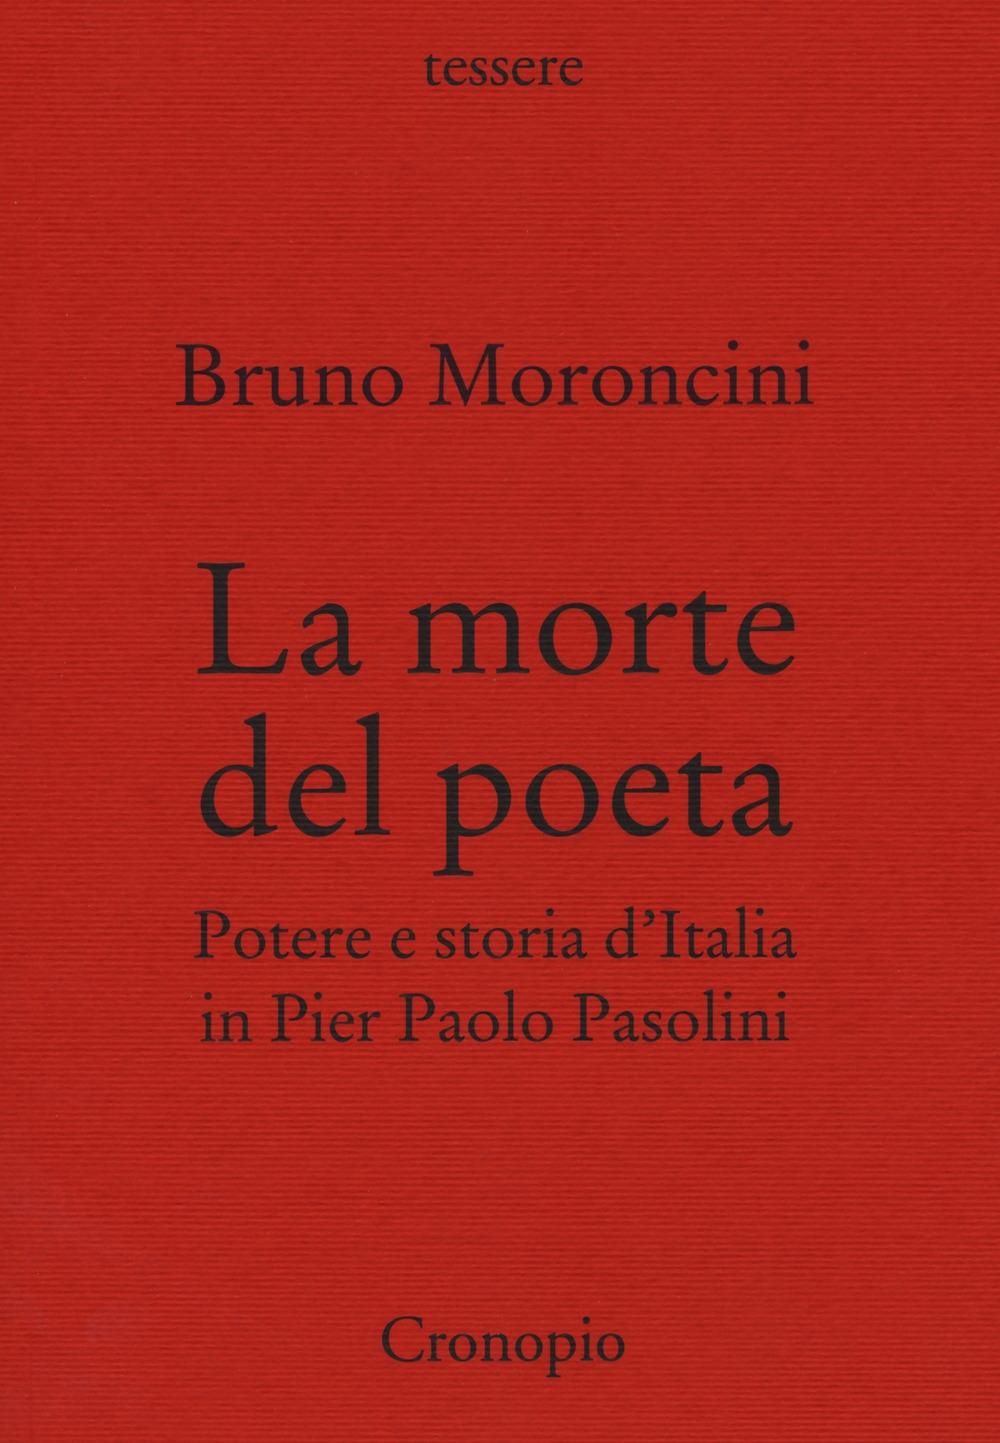 La morte del poeta. Potere e storia d'Italia in Pasolini